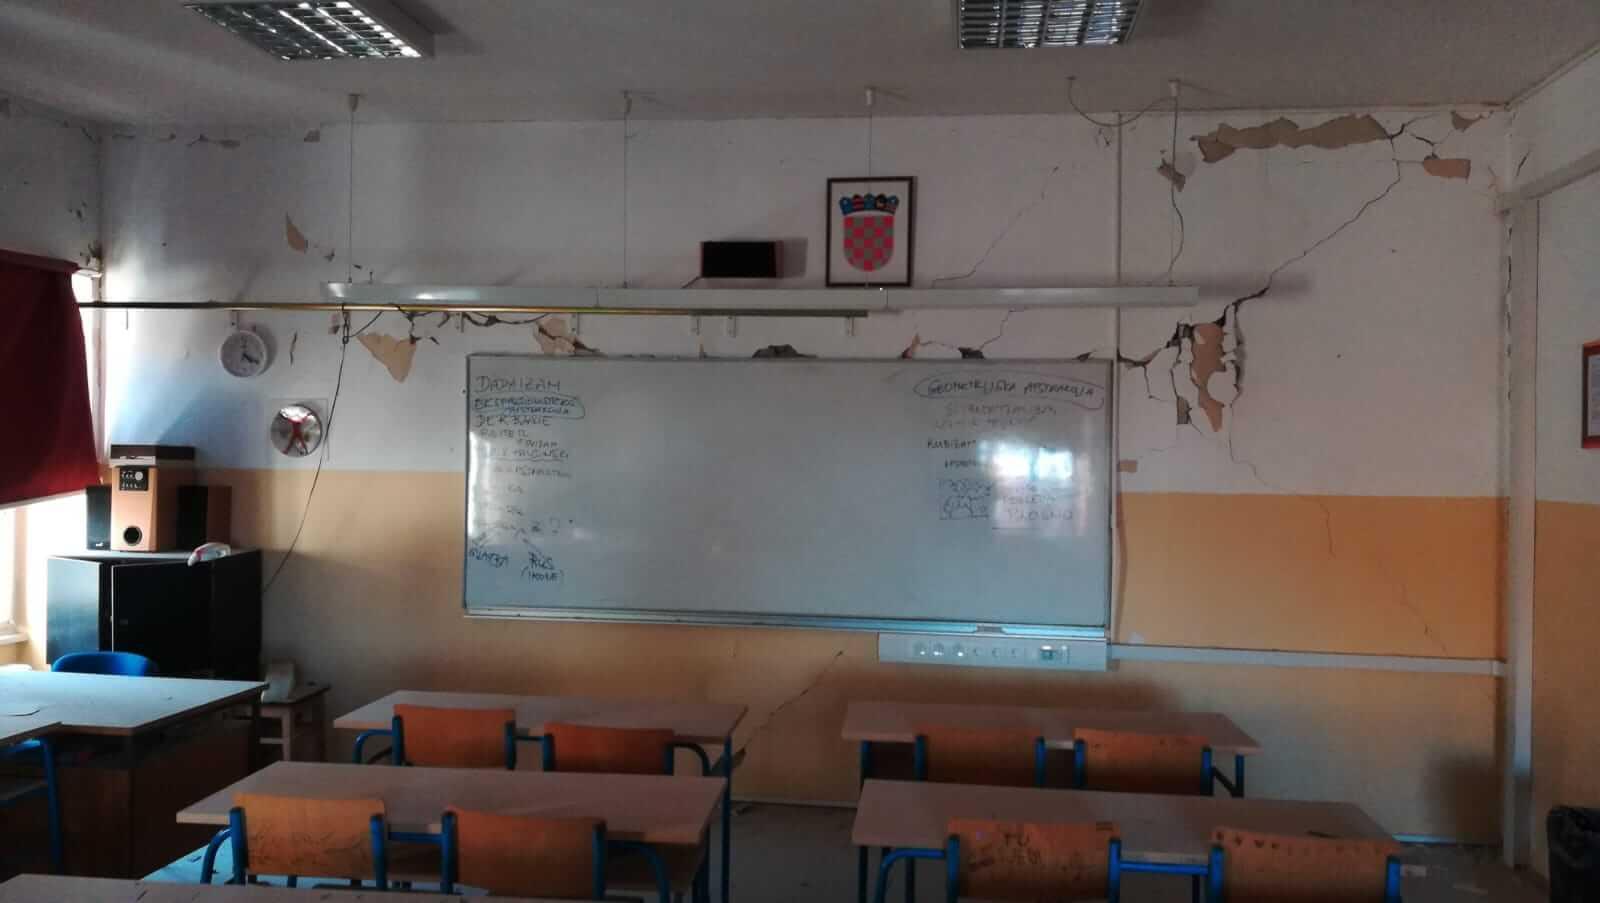 Doznali smo koliko je škola, prema sadašnjim podacima, oštećeno u potresu